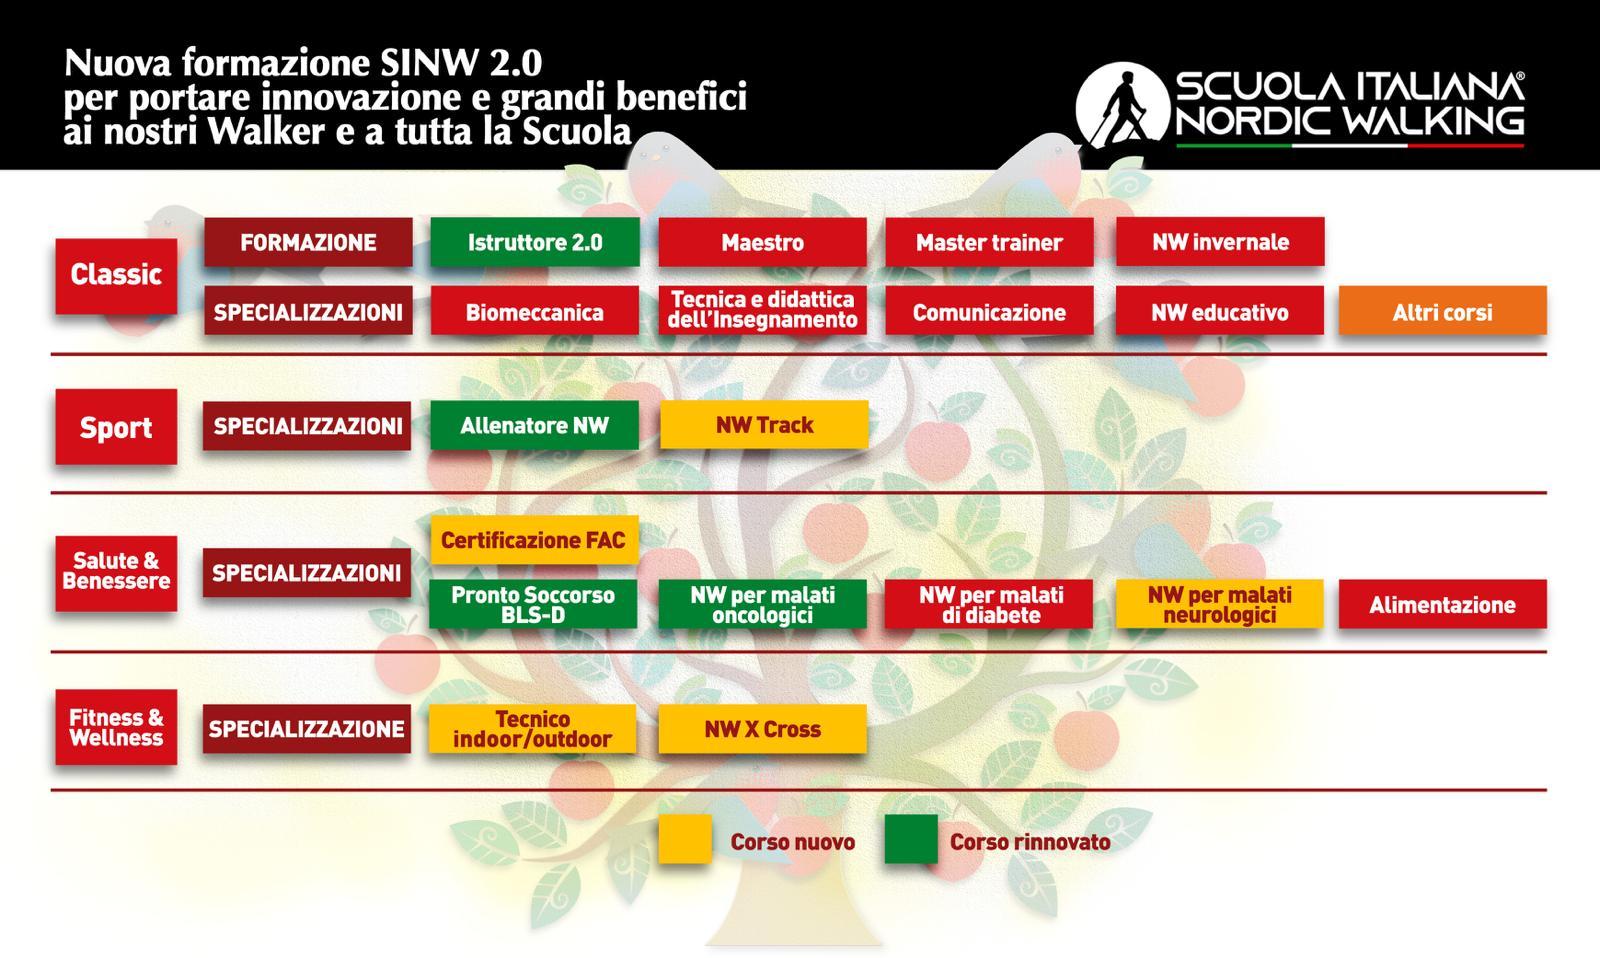 Nuova formazione SINW 2.0: una evoluzione per abbracciare nuove opportunità